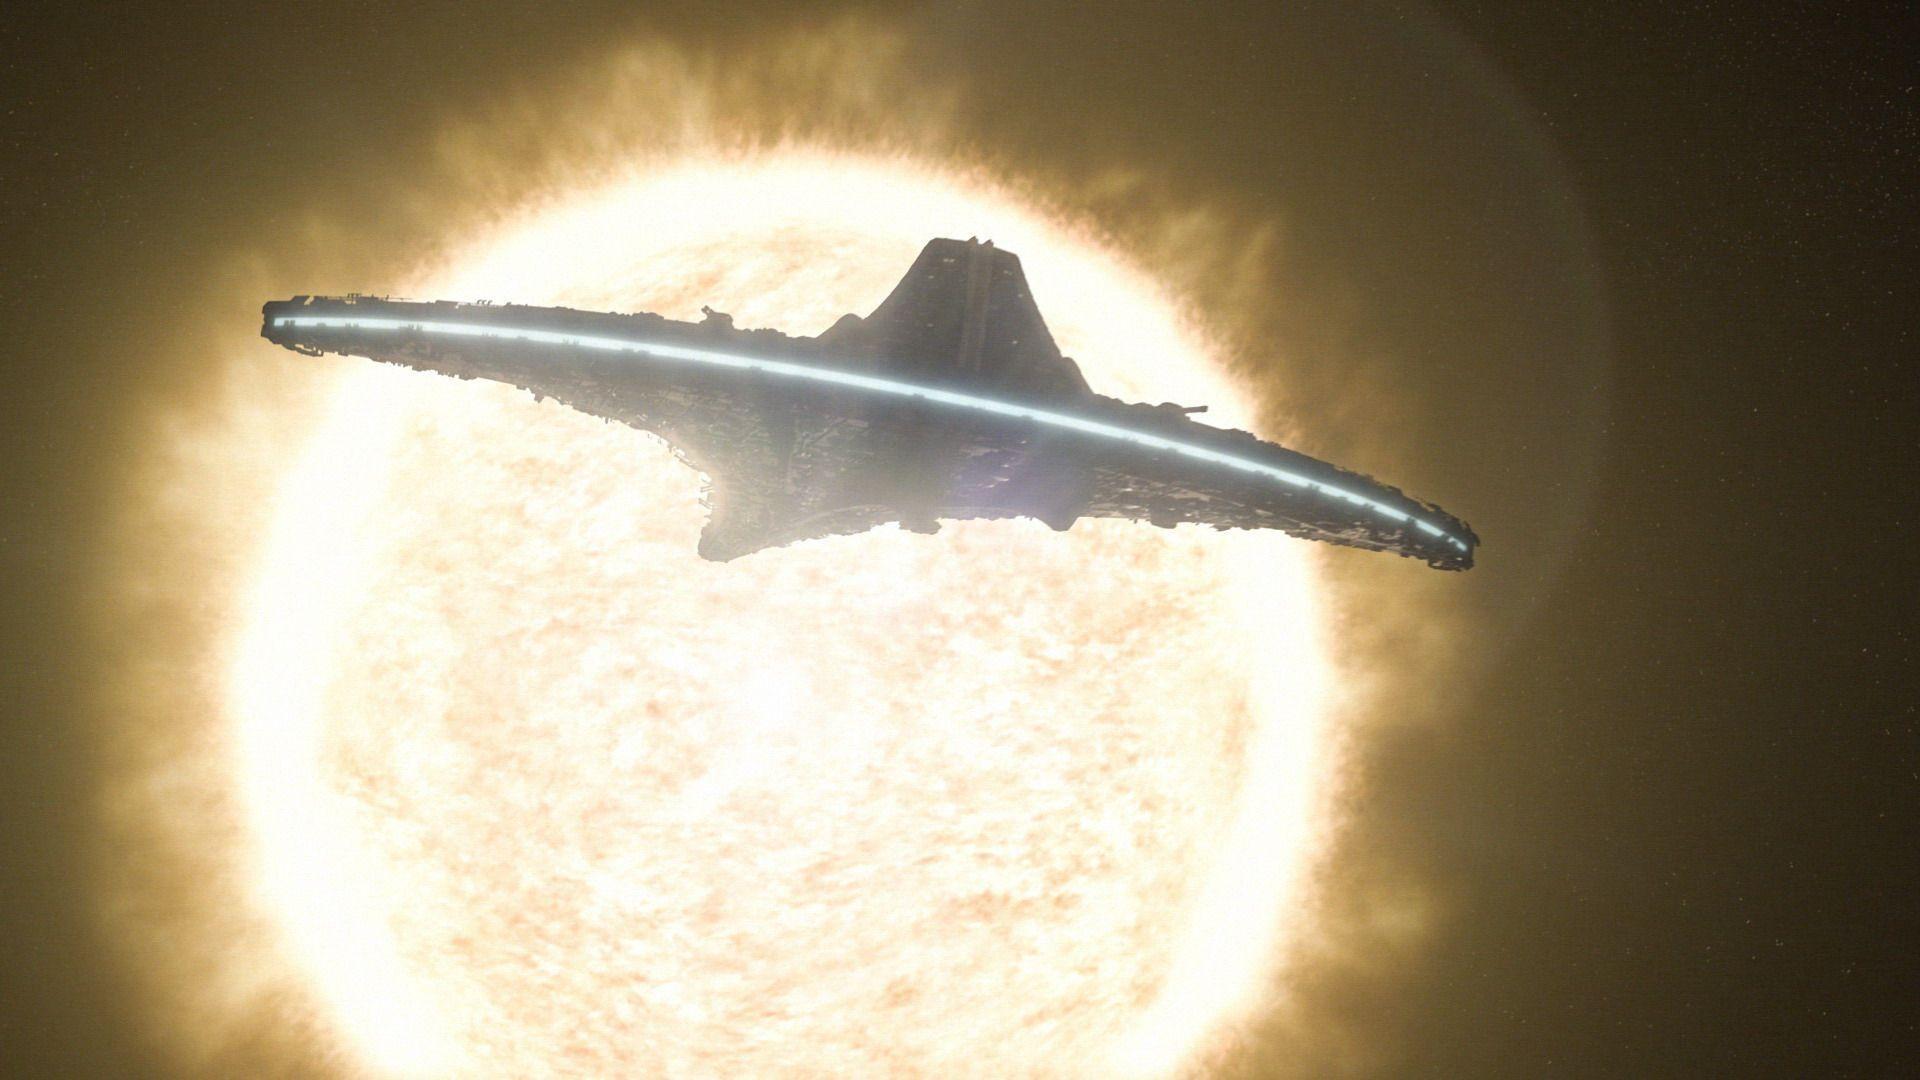 космический корабль НЛО  № 3970561 бесплатно